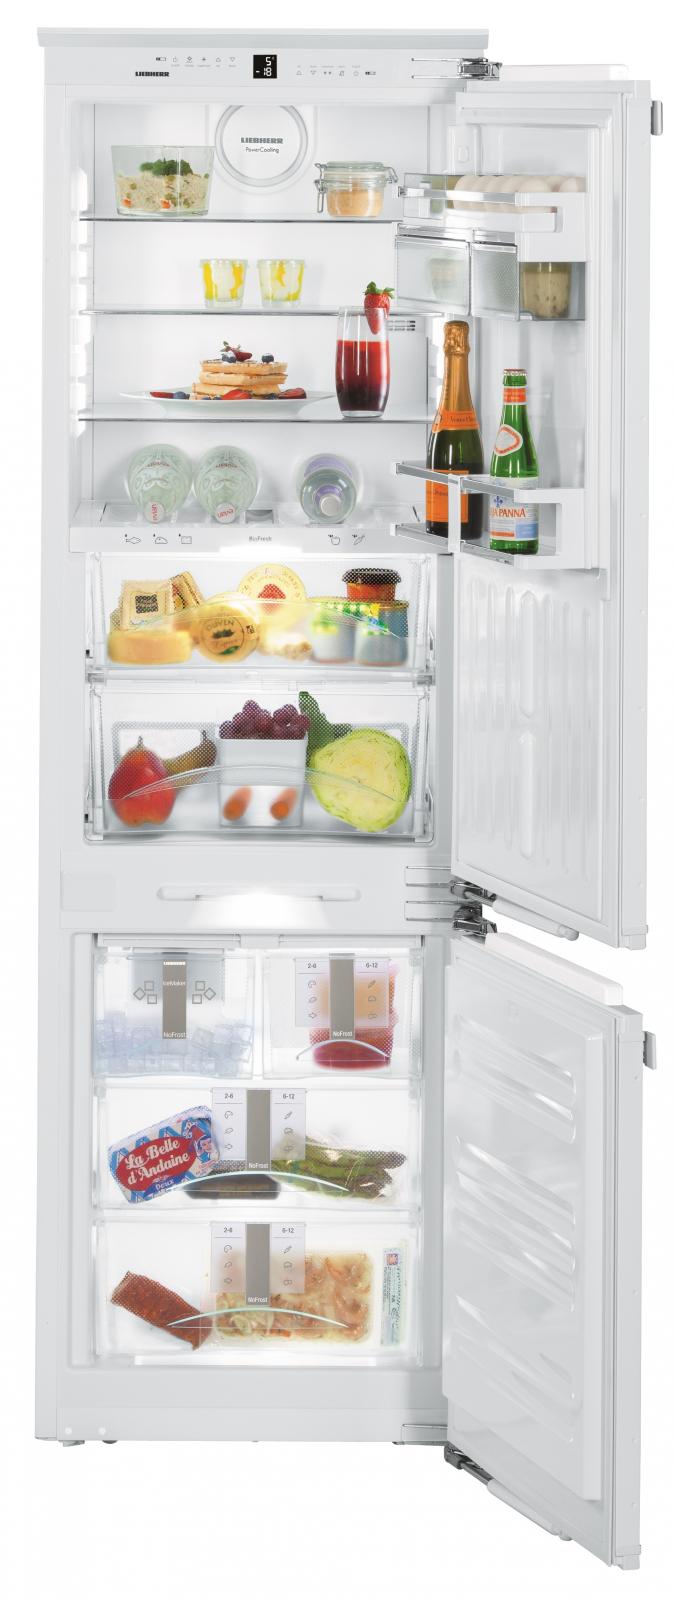 Встраиваемый двухкамерный холодильник Liebherr ICBN 3386 купить украина